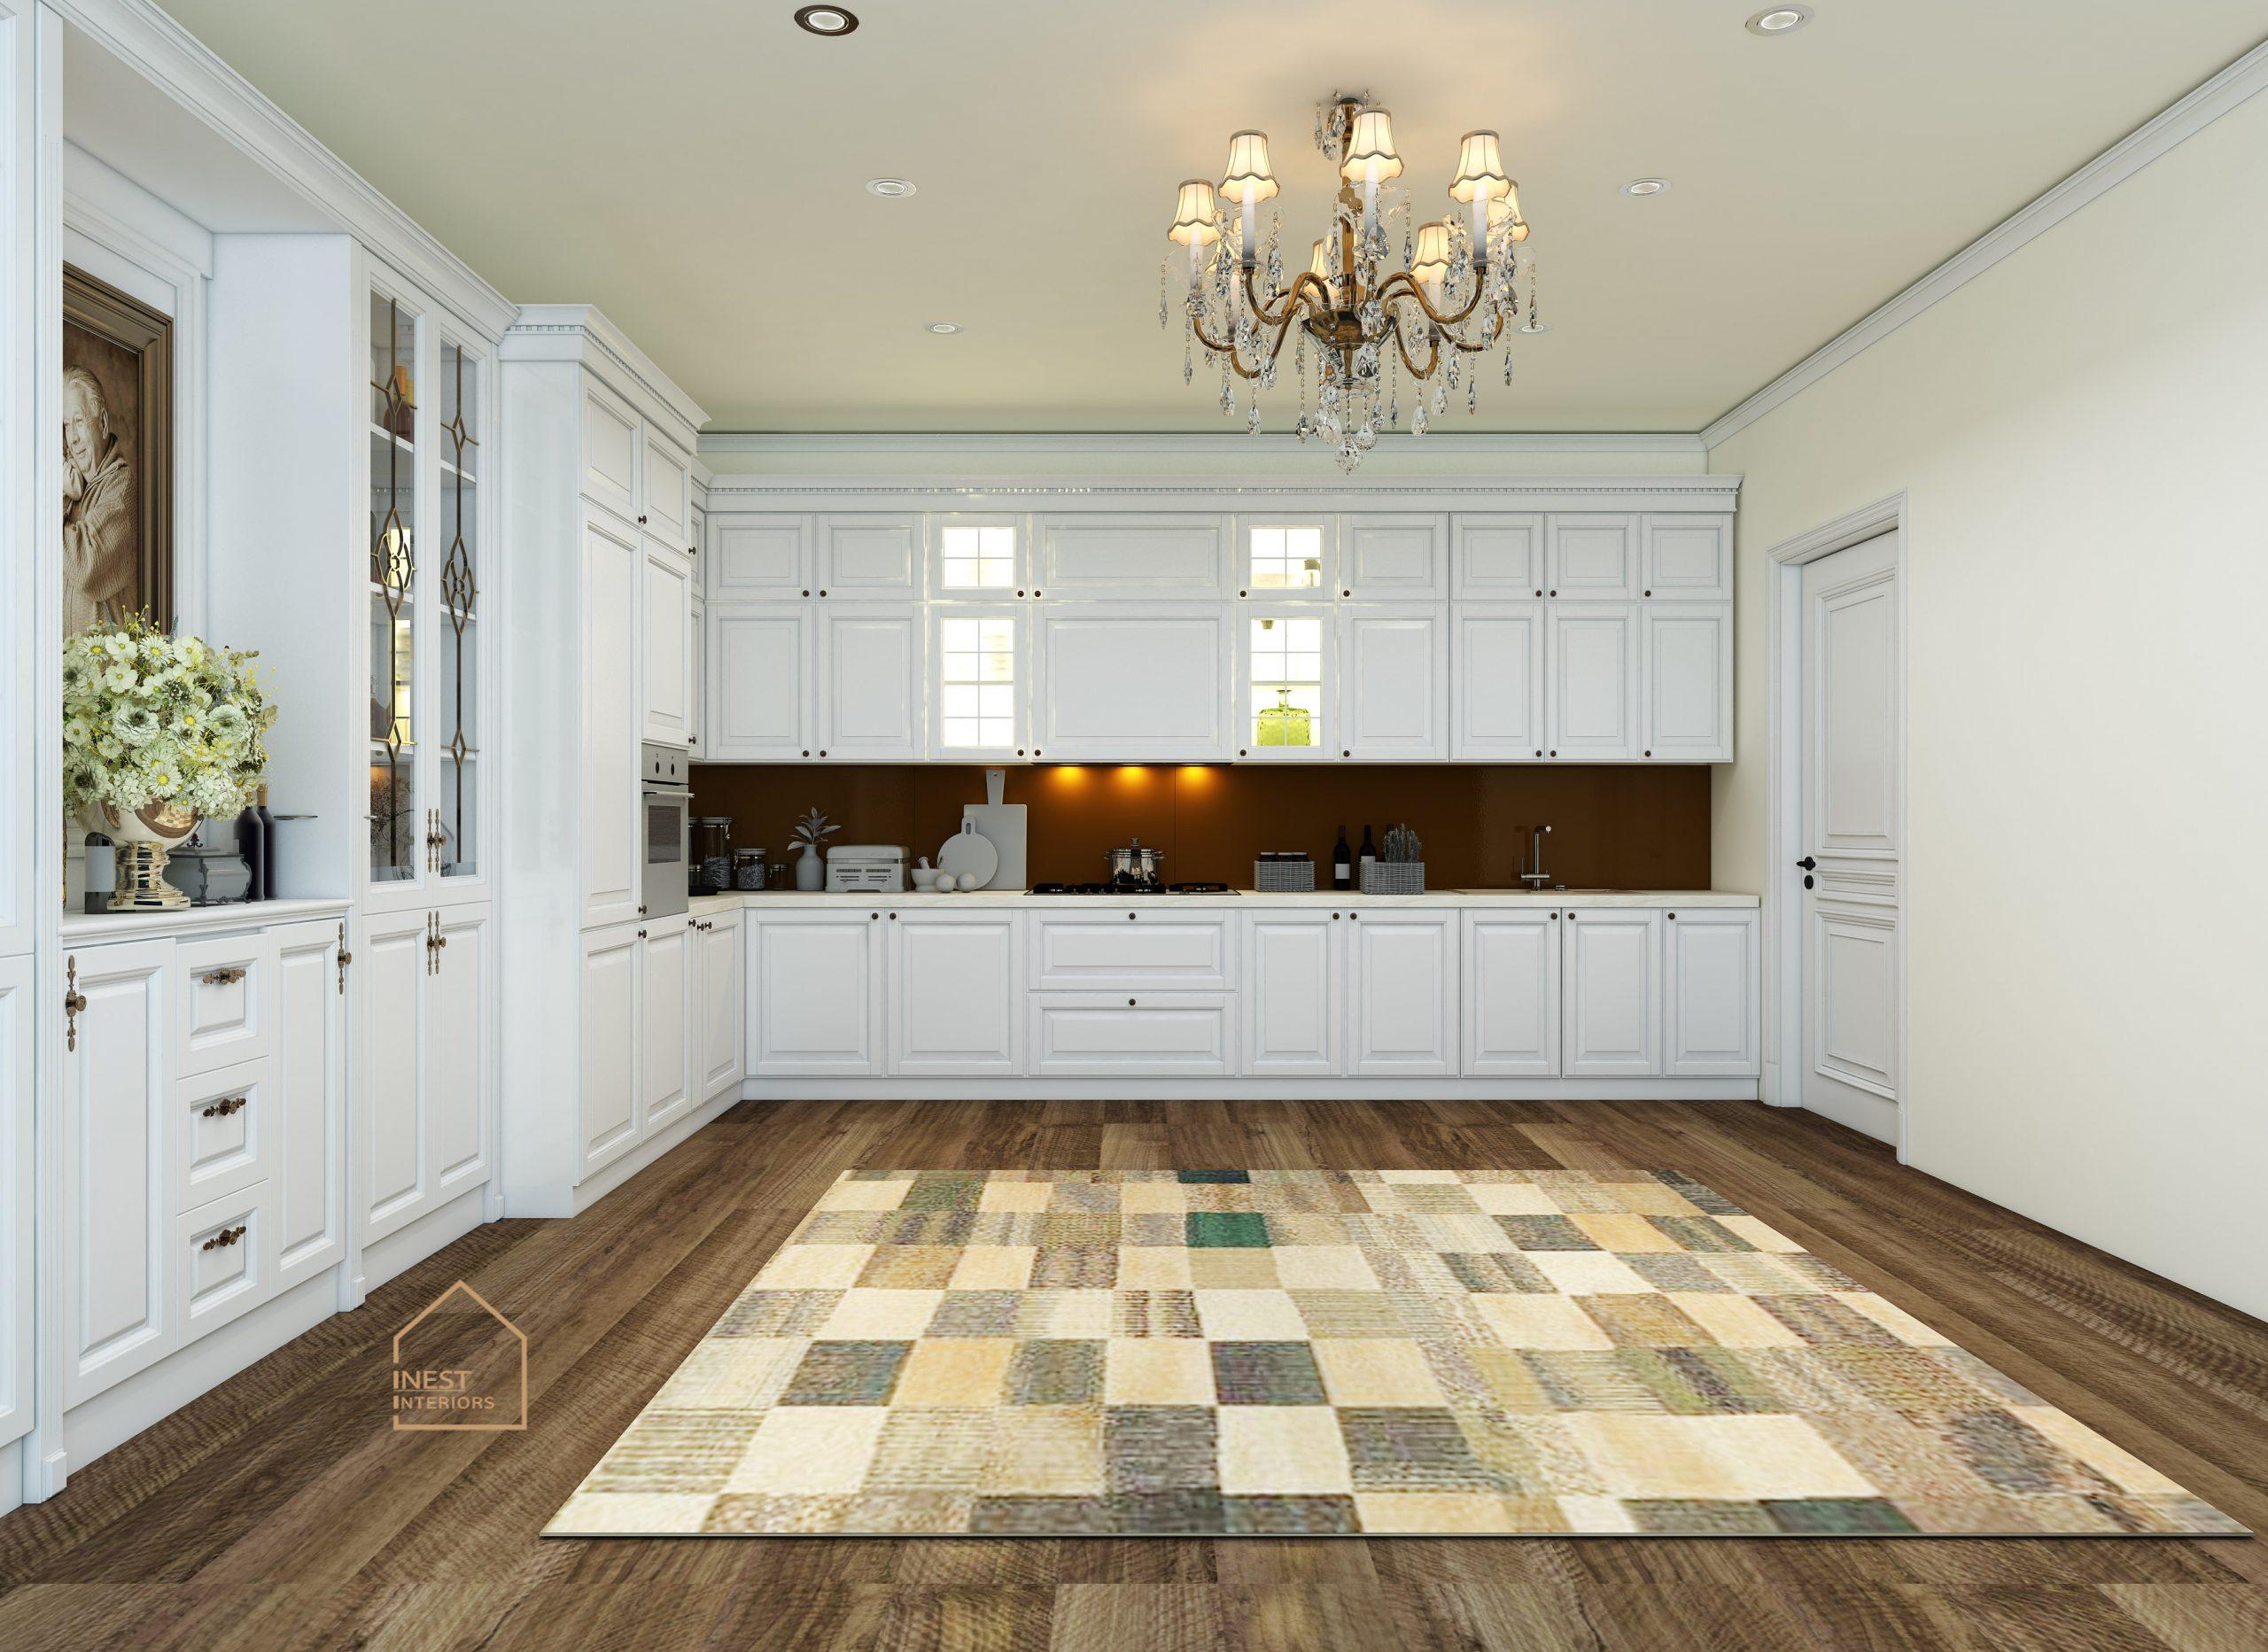 Nội thất tủ bếp màu trắng Tân cổ điển